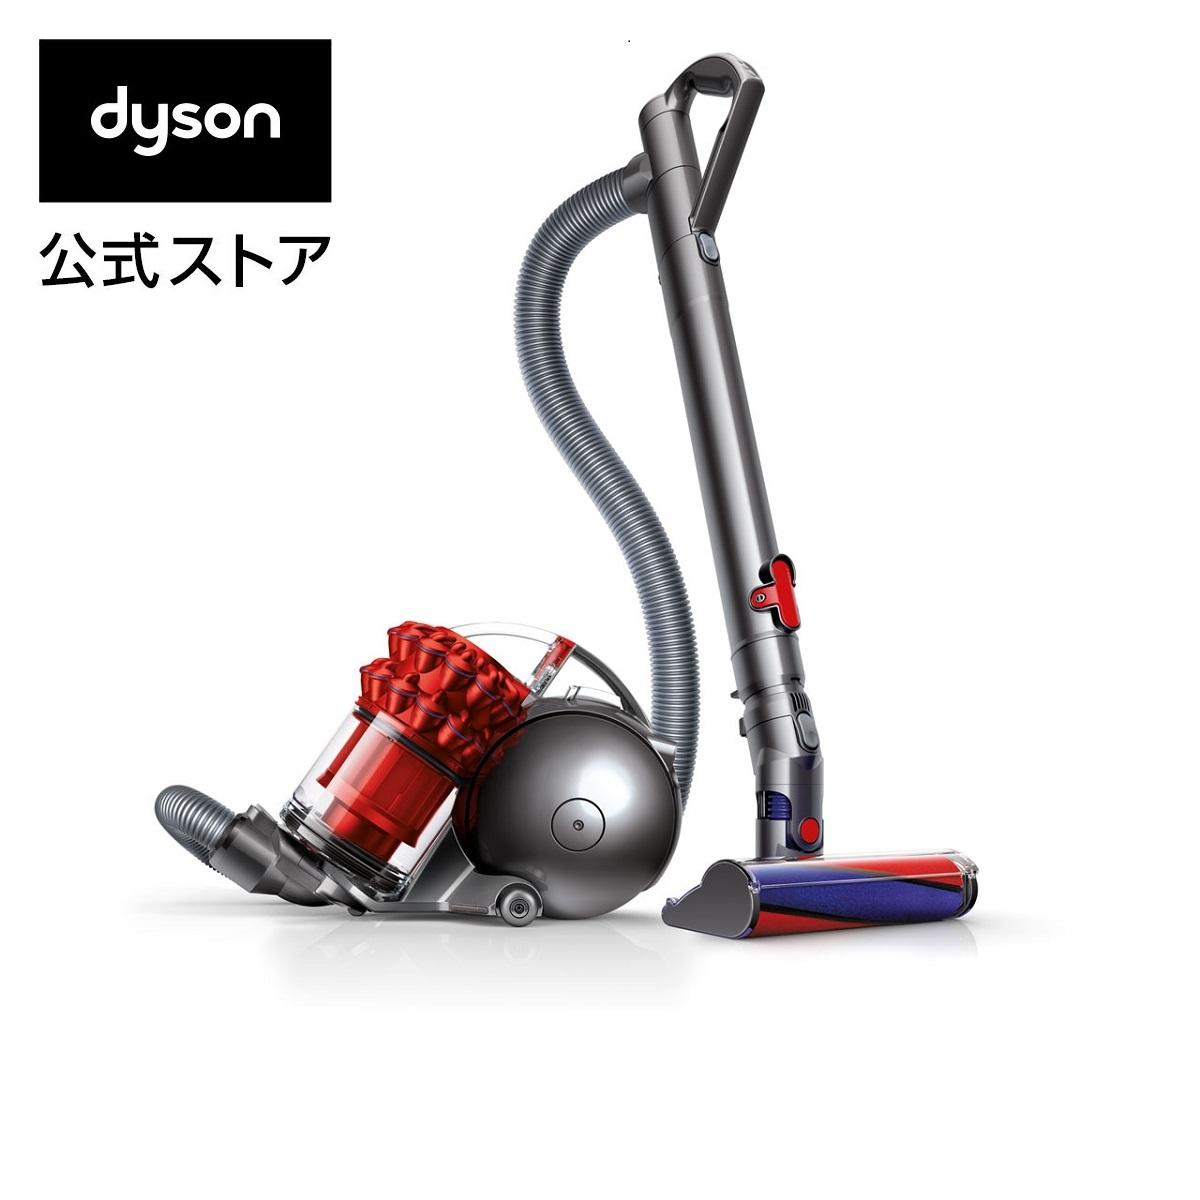 ダイソン Dyson Ball Fluffy+ サイクロン式 キャニスター型掃除機 CY24MHCOM レッド/ブルー